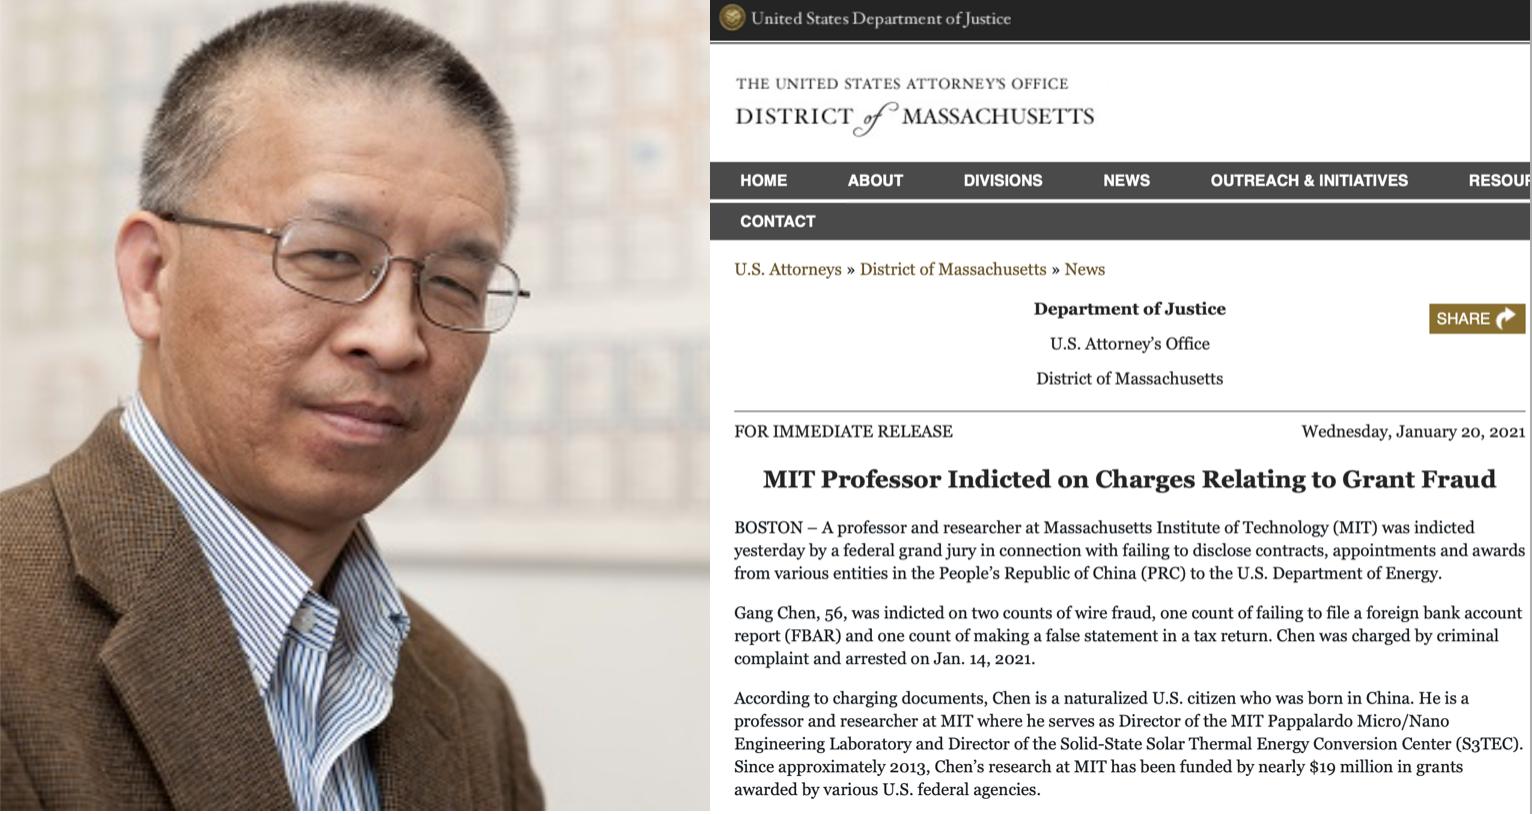 麻省理工學院機械系知名教授陳剛出生於中國,在美國歸化入籍,14日在波士頓被捕,19日被大陪審團正式起訴。(MIT官網圖片、美國司法部官網截圖/大紀元合成)